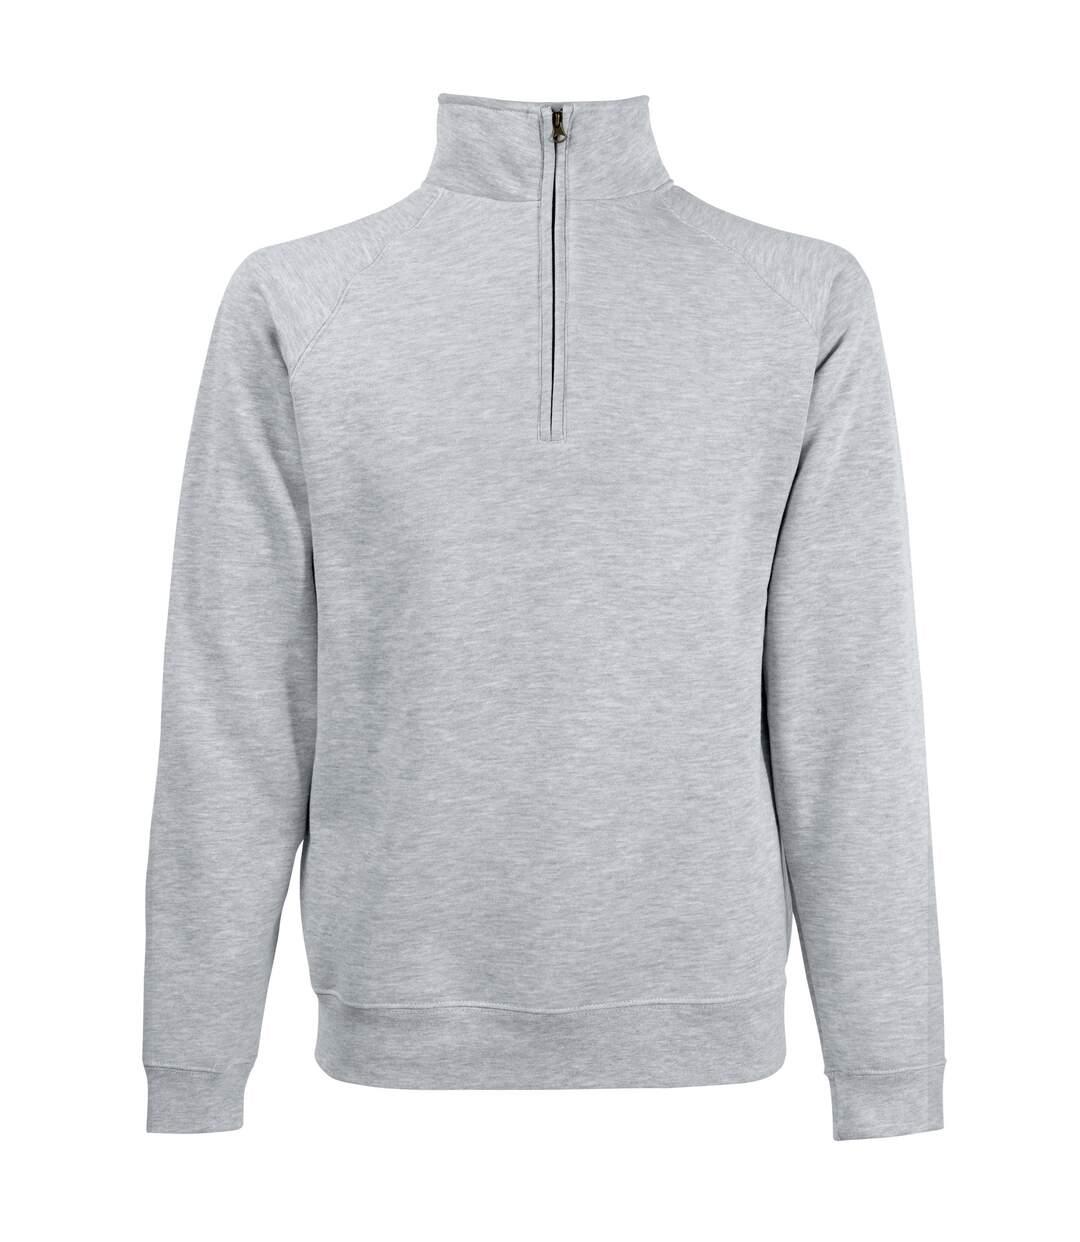 Fruit Of The Loom Mens Zip Neck Sweatshirt Top (Heather Grey) - UTBC1370